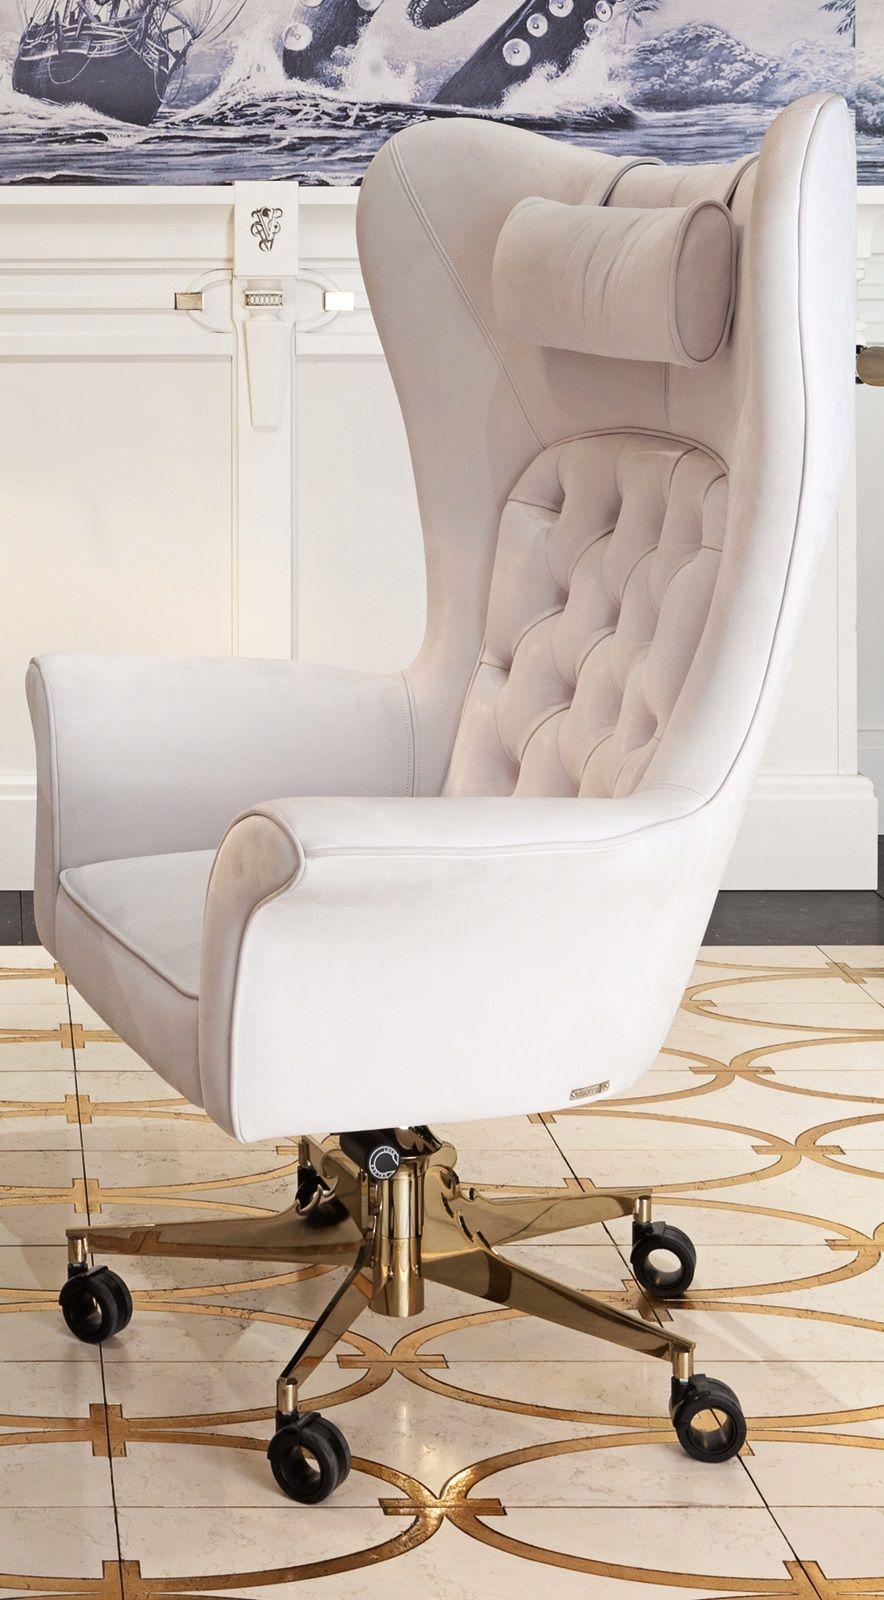 Luxury Furniture Designer Furniture High End Furniture Luxury Furniture Luxury Furnituredesigner Furnit Home Office Chairs Furniture Design Luxury Furniture